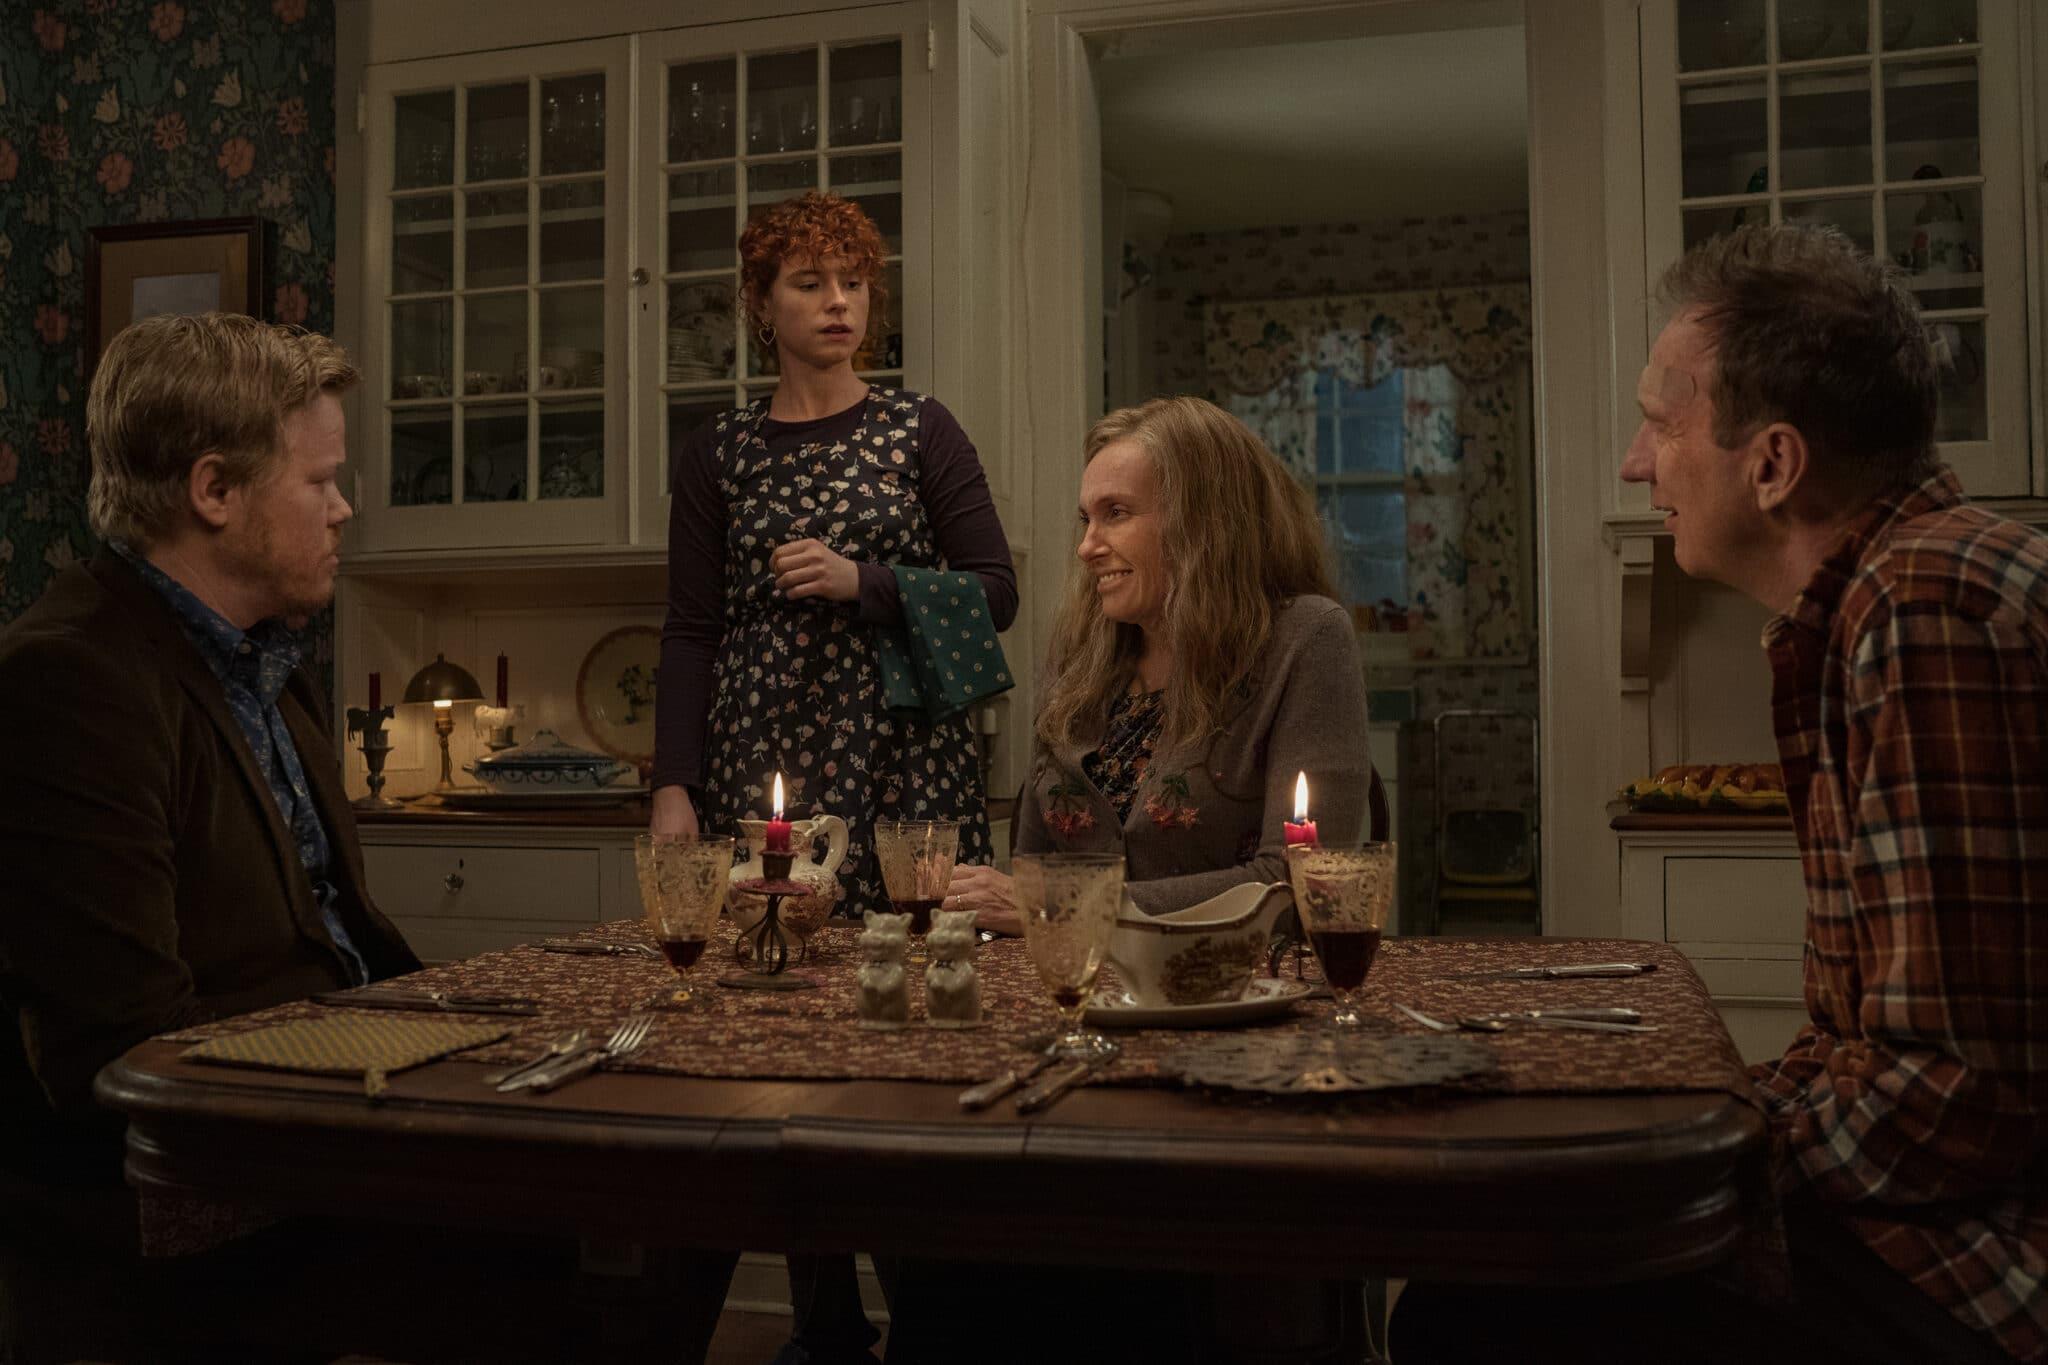 Ein Abendessen mit den Eltern in I'm Thinking of Ending Things